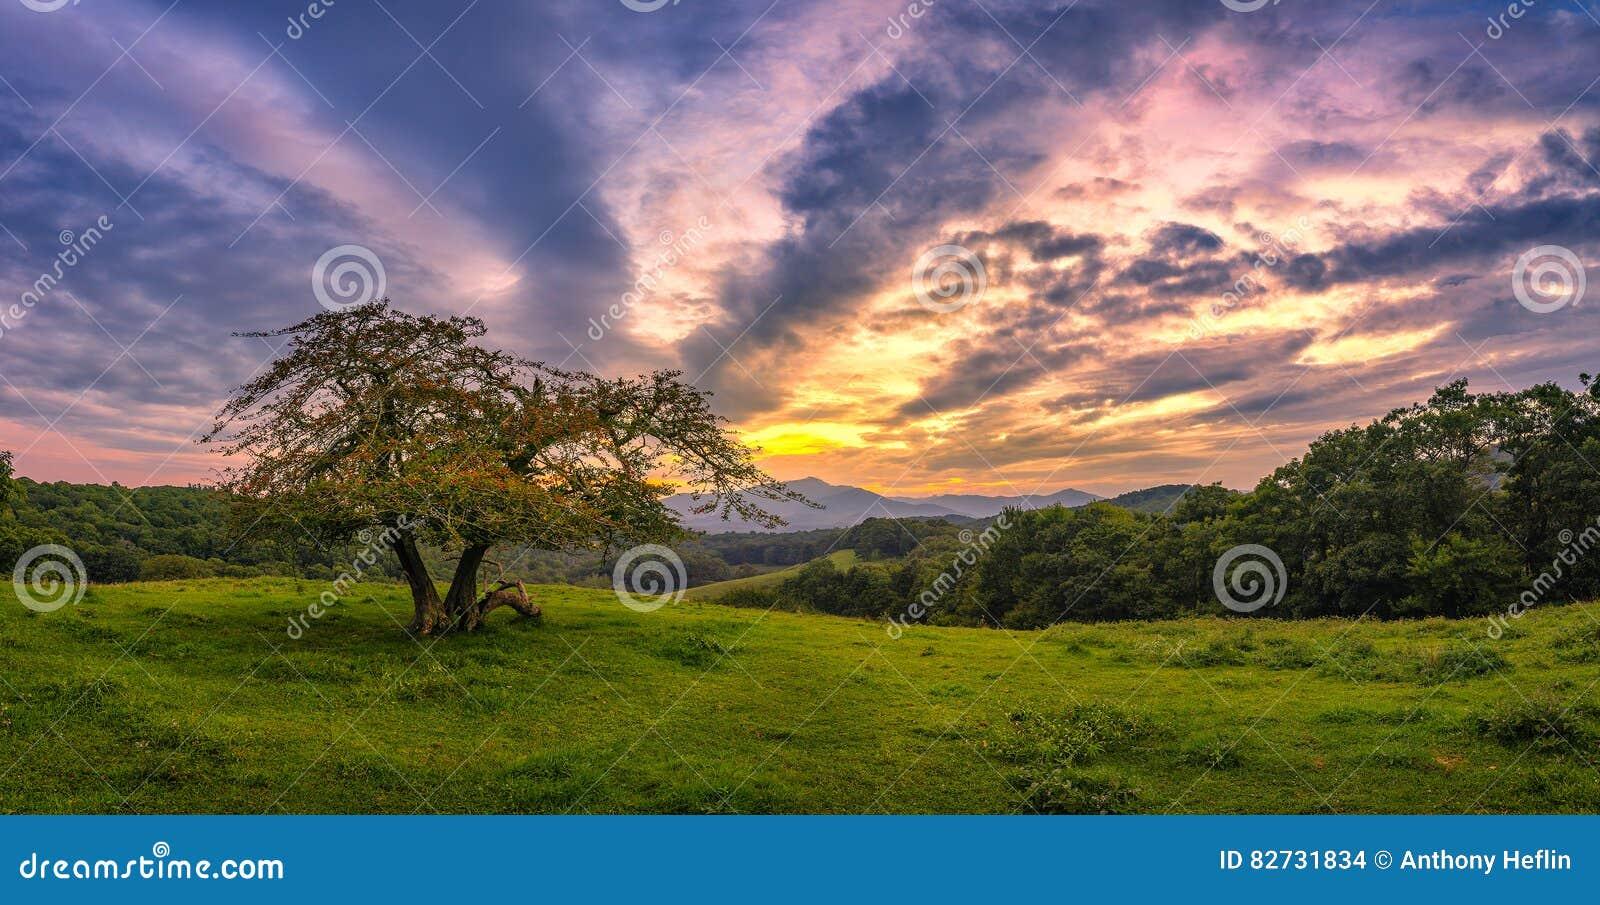 蓝色土坎大路,风景日落